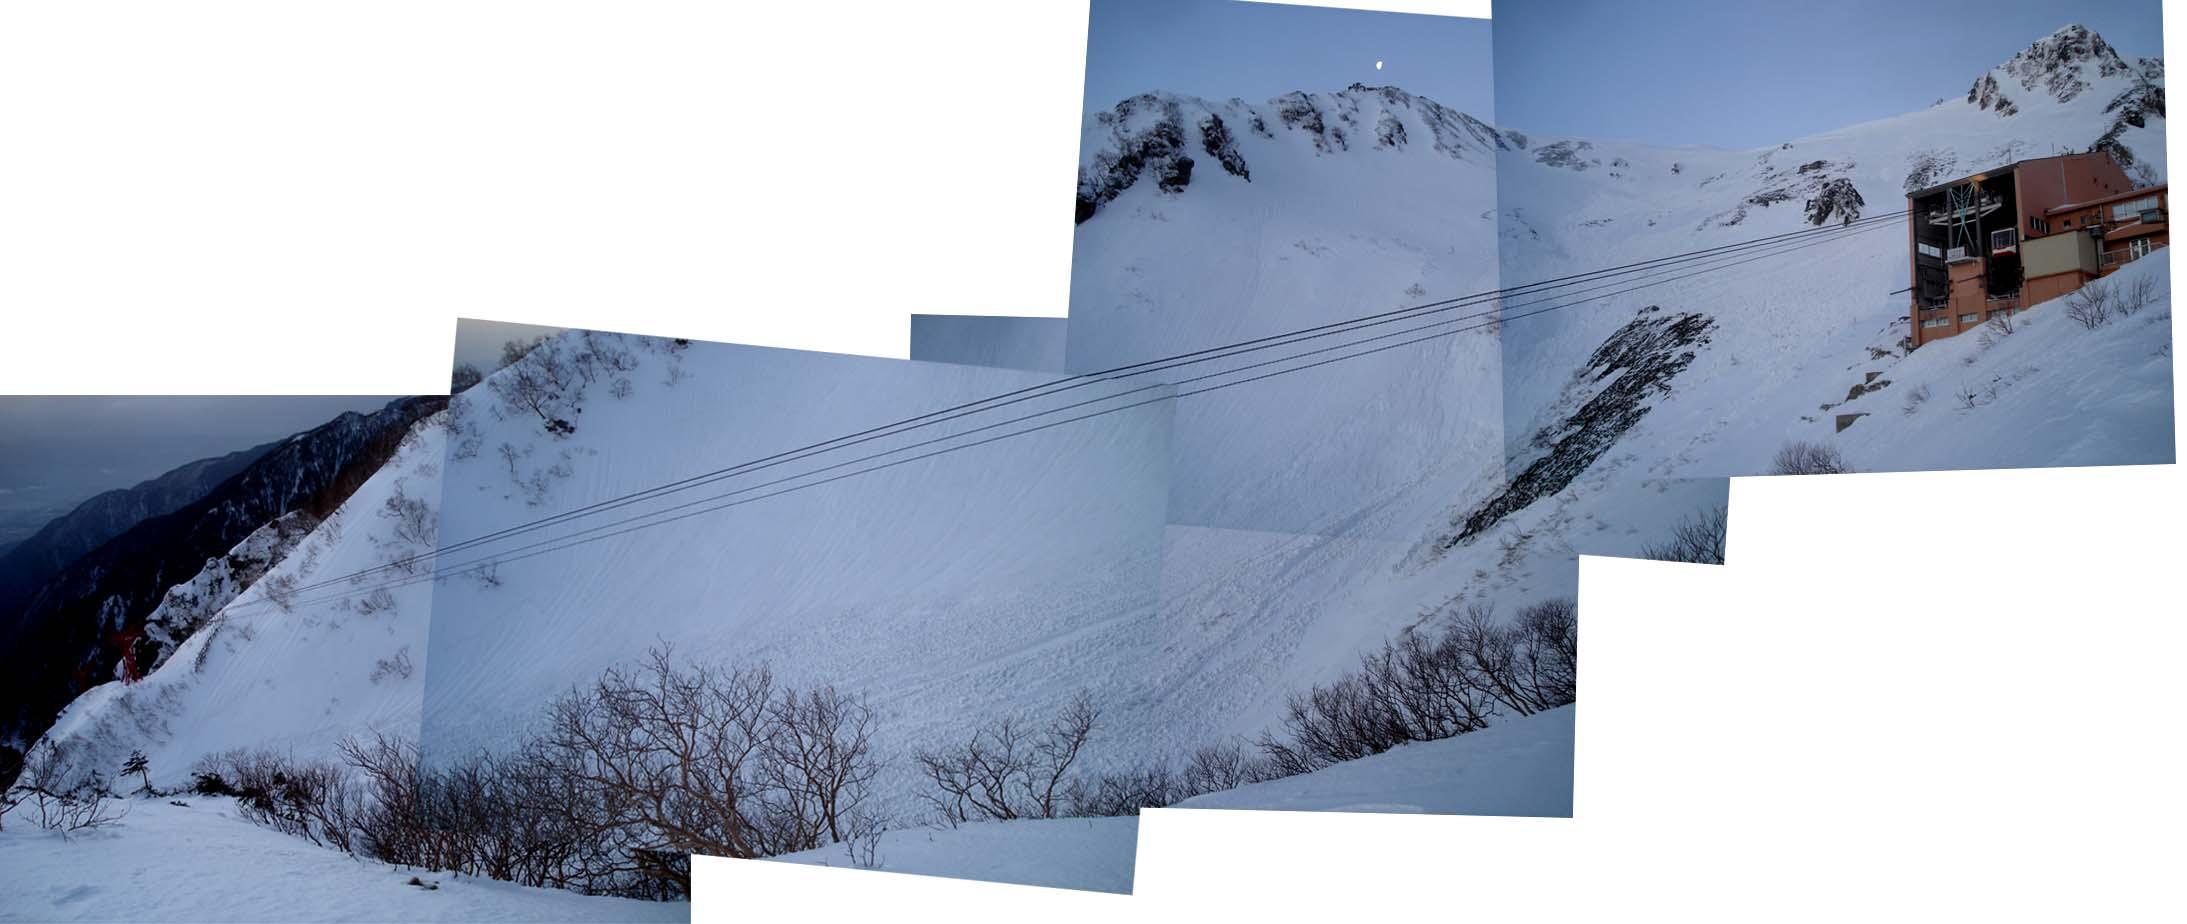 未明のケーブルと谷間の雪崩跡